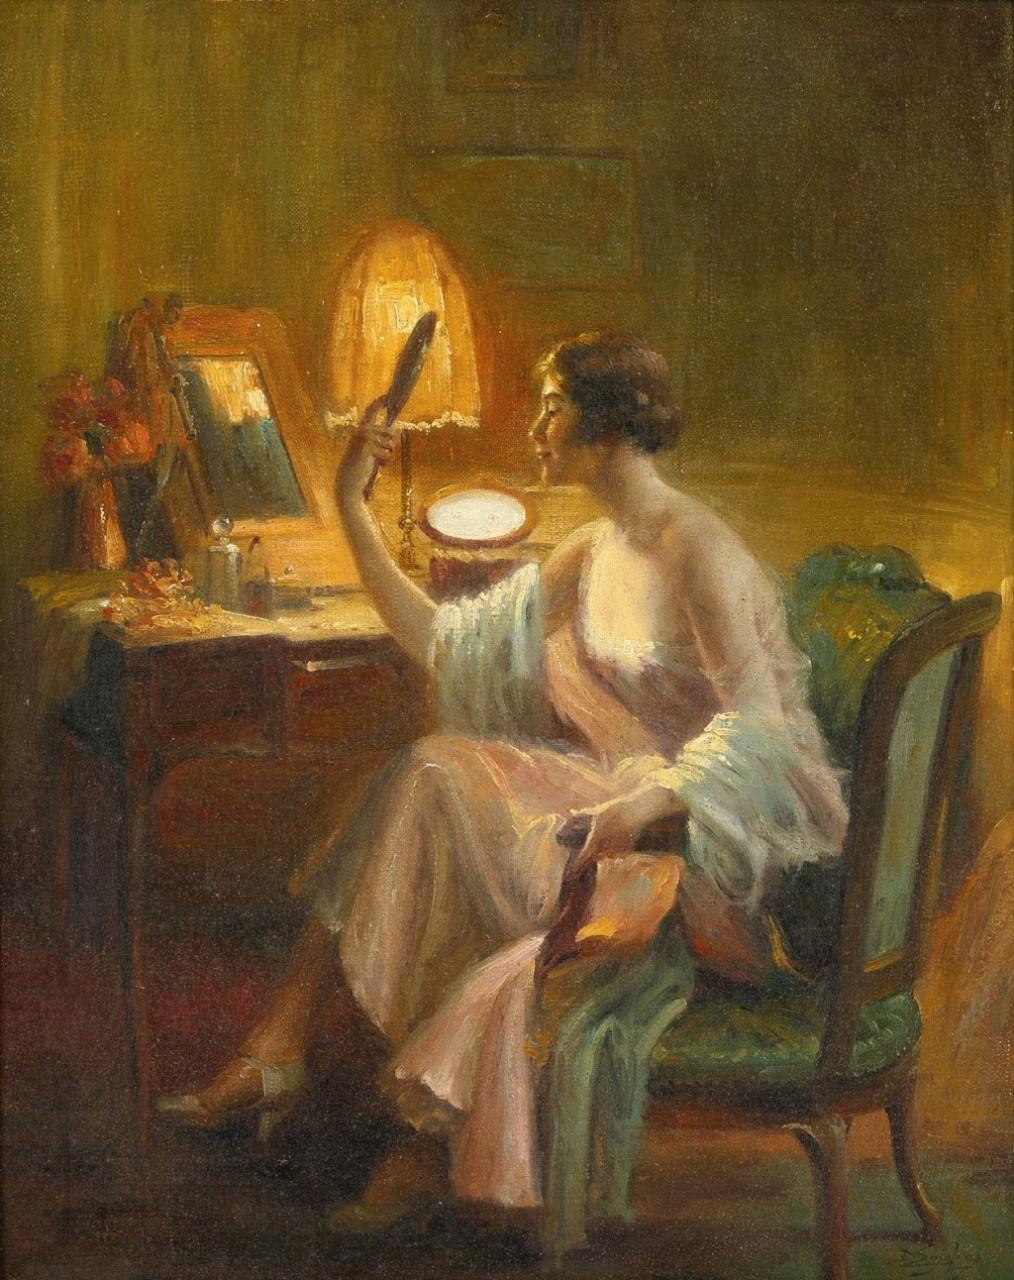 Дельфин Анжольра (Delphin Enjolras; 1857-1945) - французский художник академической живописи